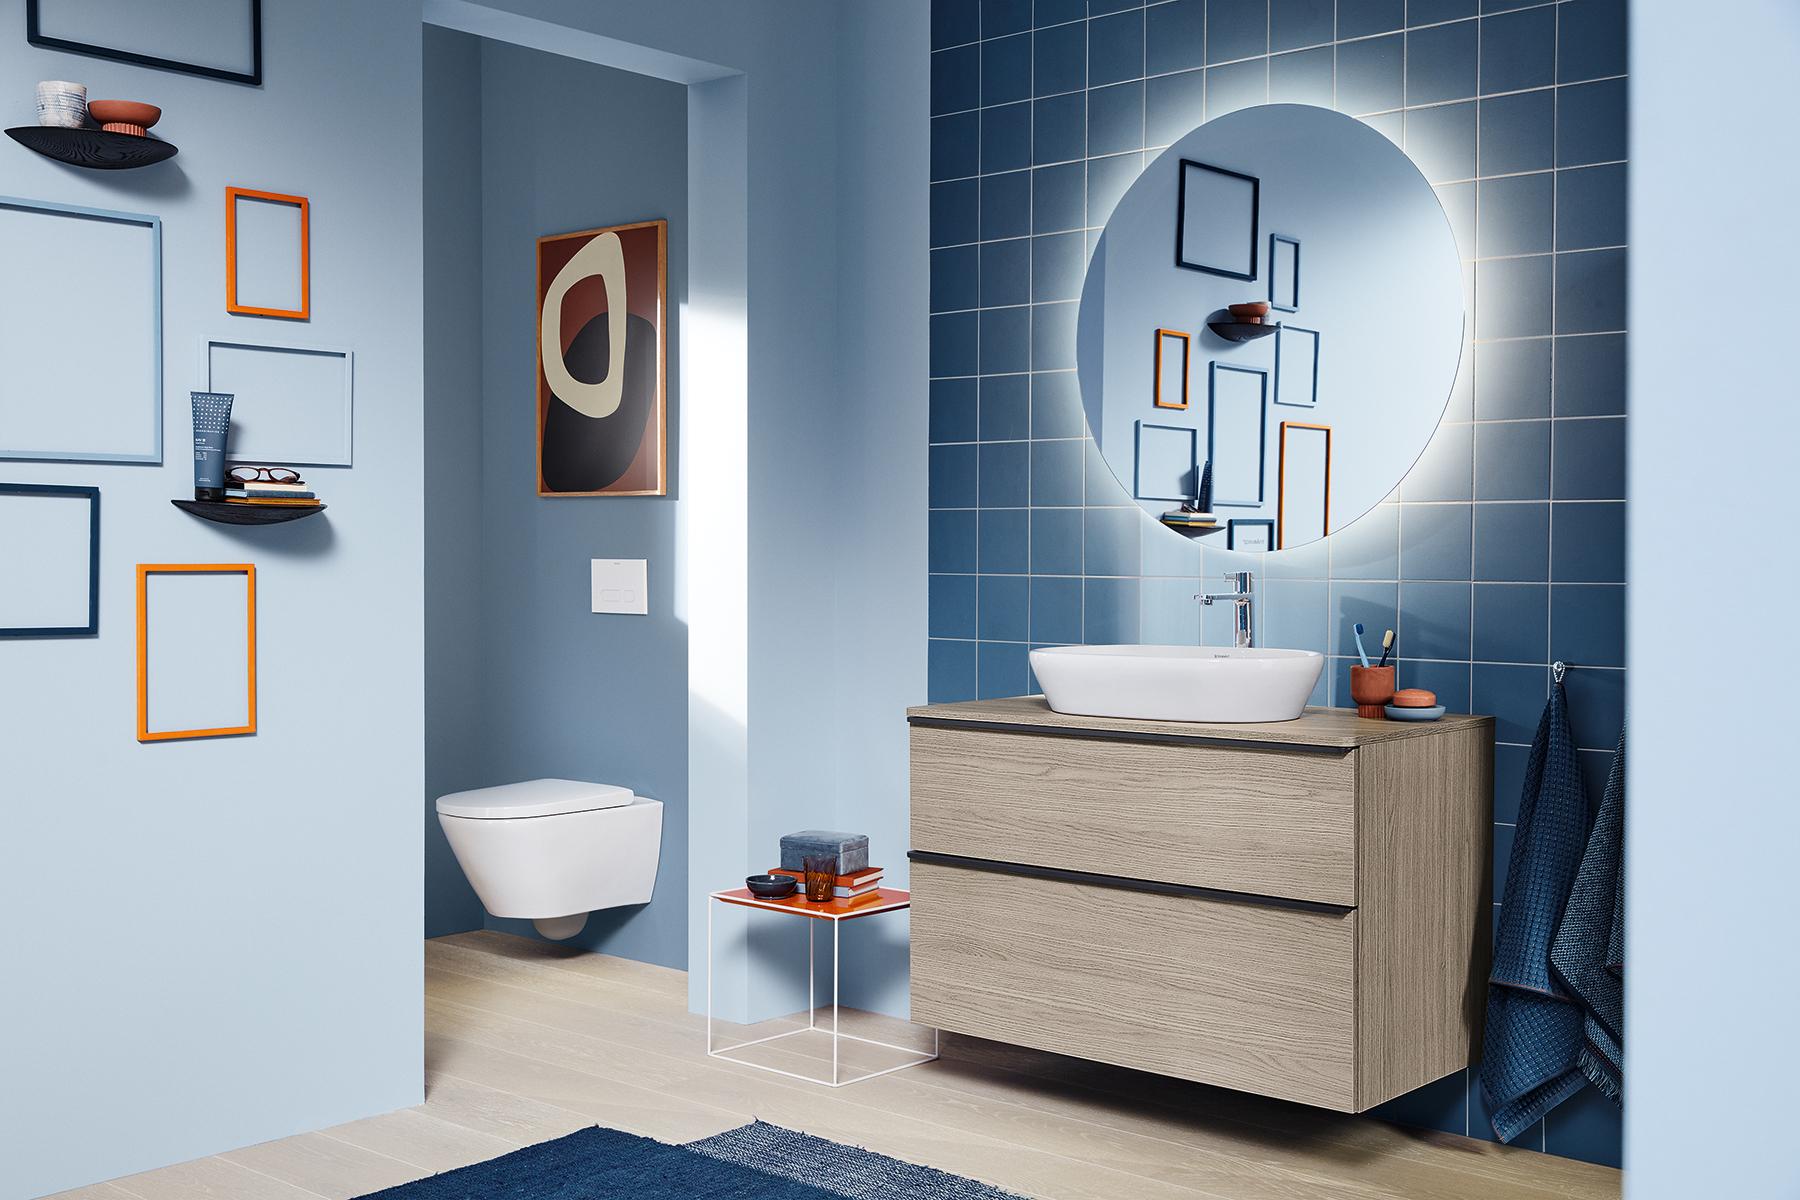 Duravit compleet badkamerserie D-Neo met badkamermeubel en ronde spiegel met led-verlichting #badkamermeubel #spiegel #badkamer #duravit #badkamerserie #dneo #completebadkamer #inspiratie #badkamermeubel